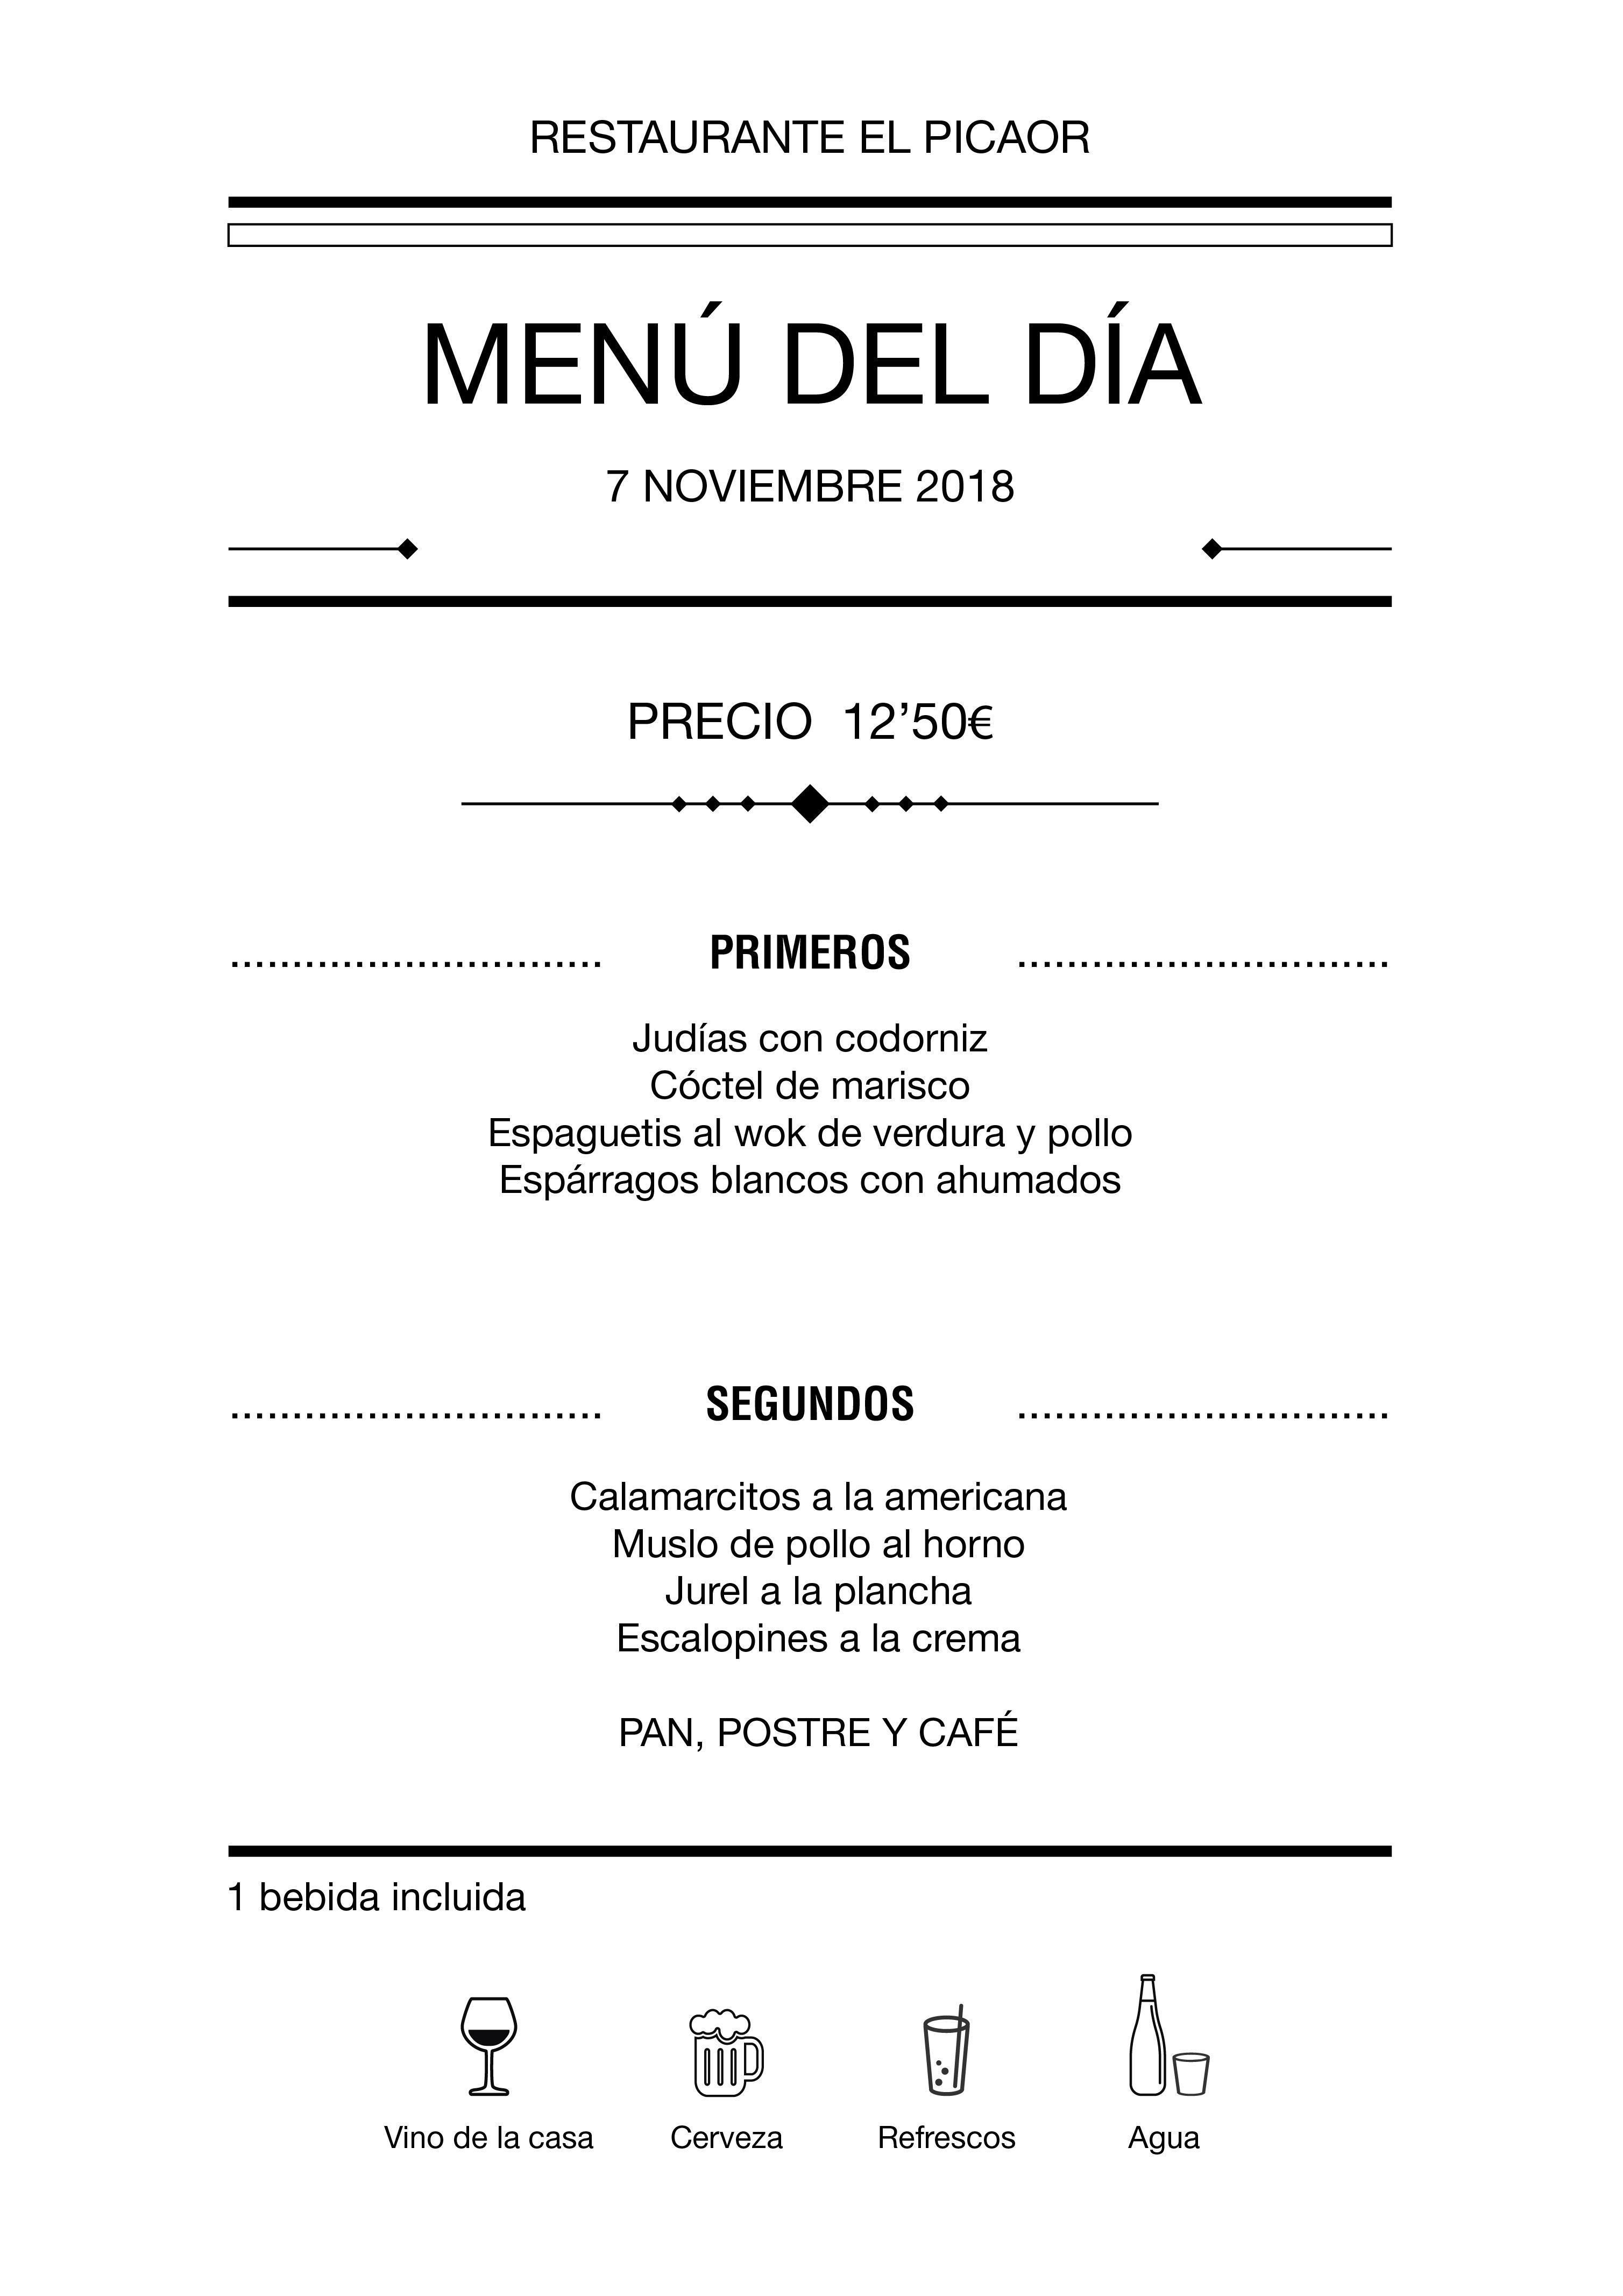 Menú diario El Picaor 07/11/18